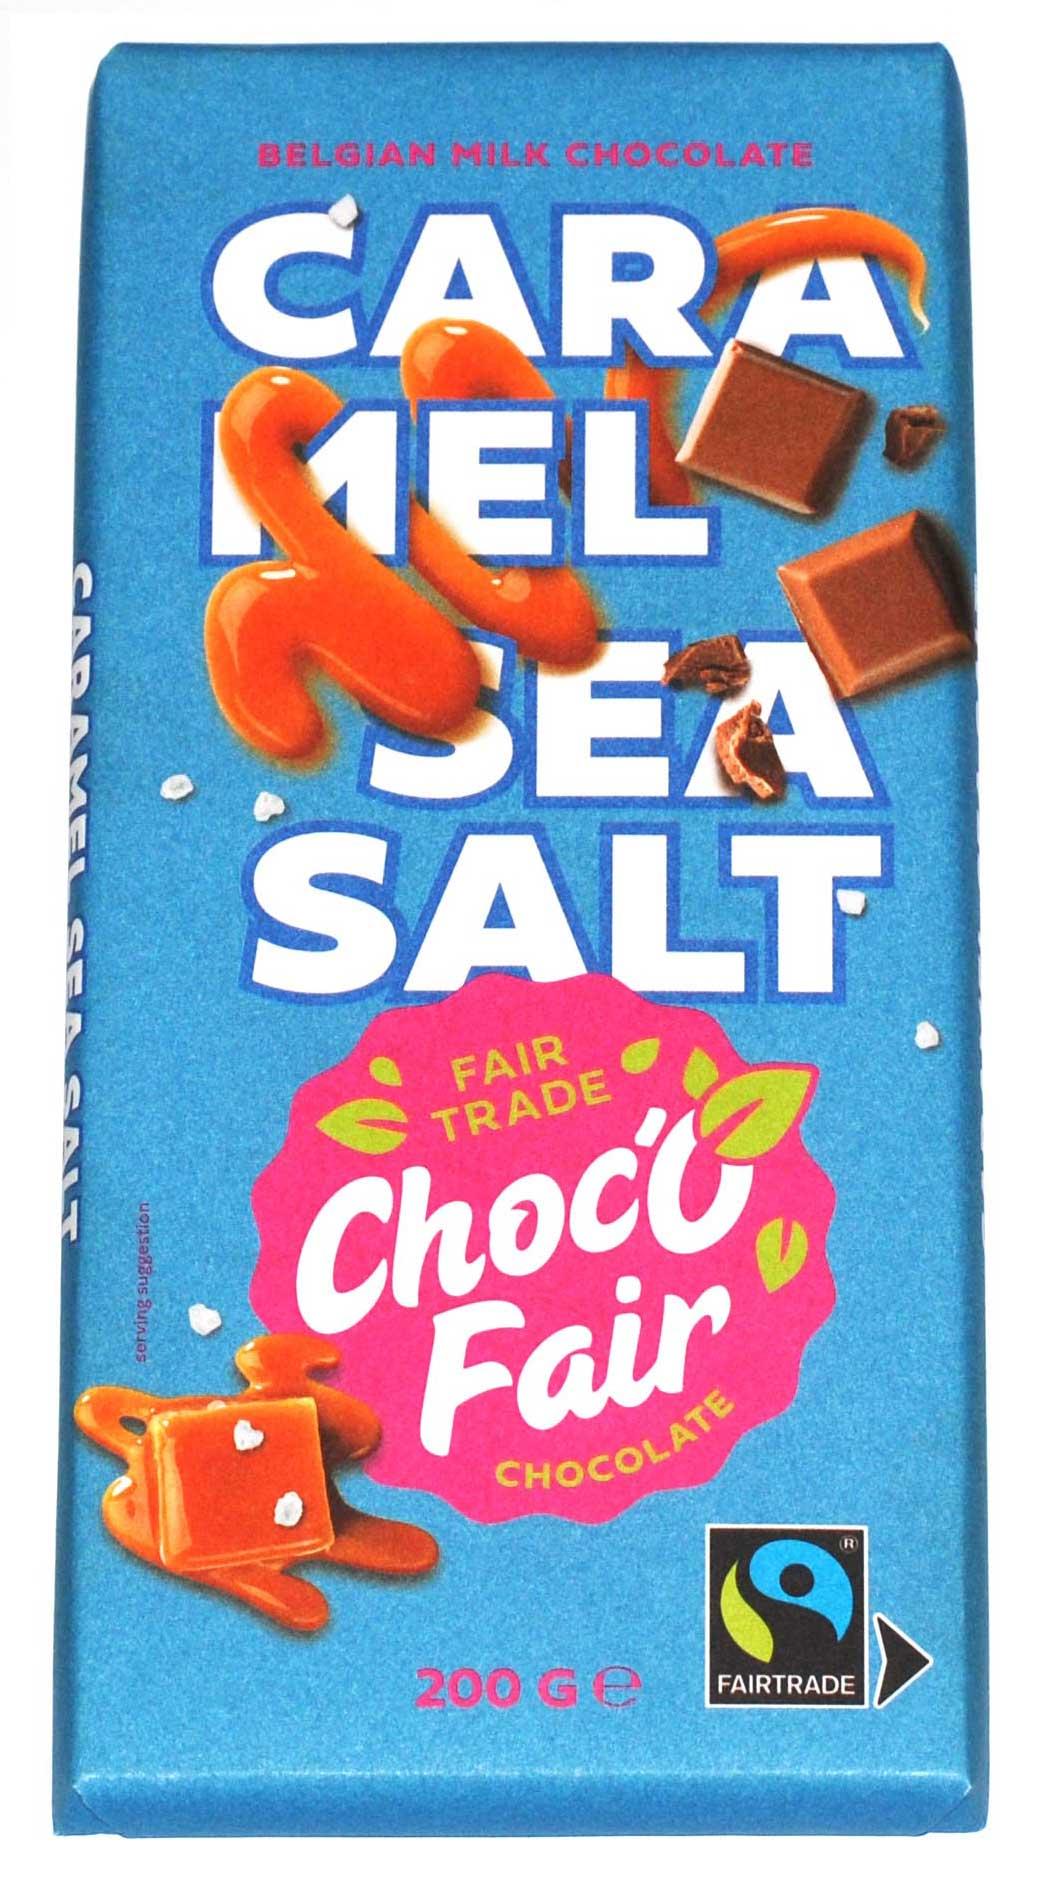 Choc-O-Fair Milk chocolate with caramel and salt 200g